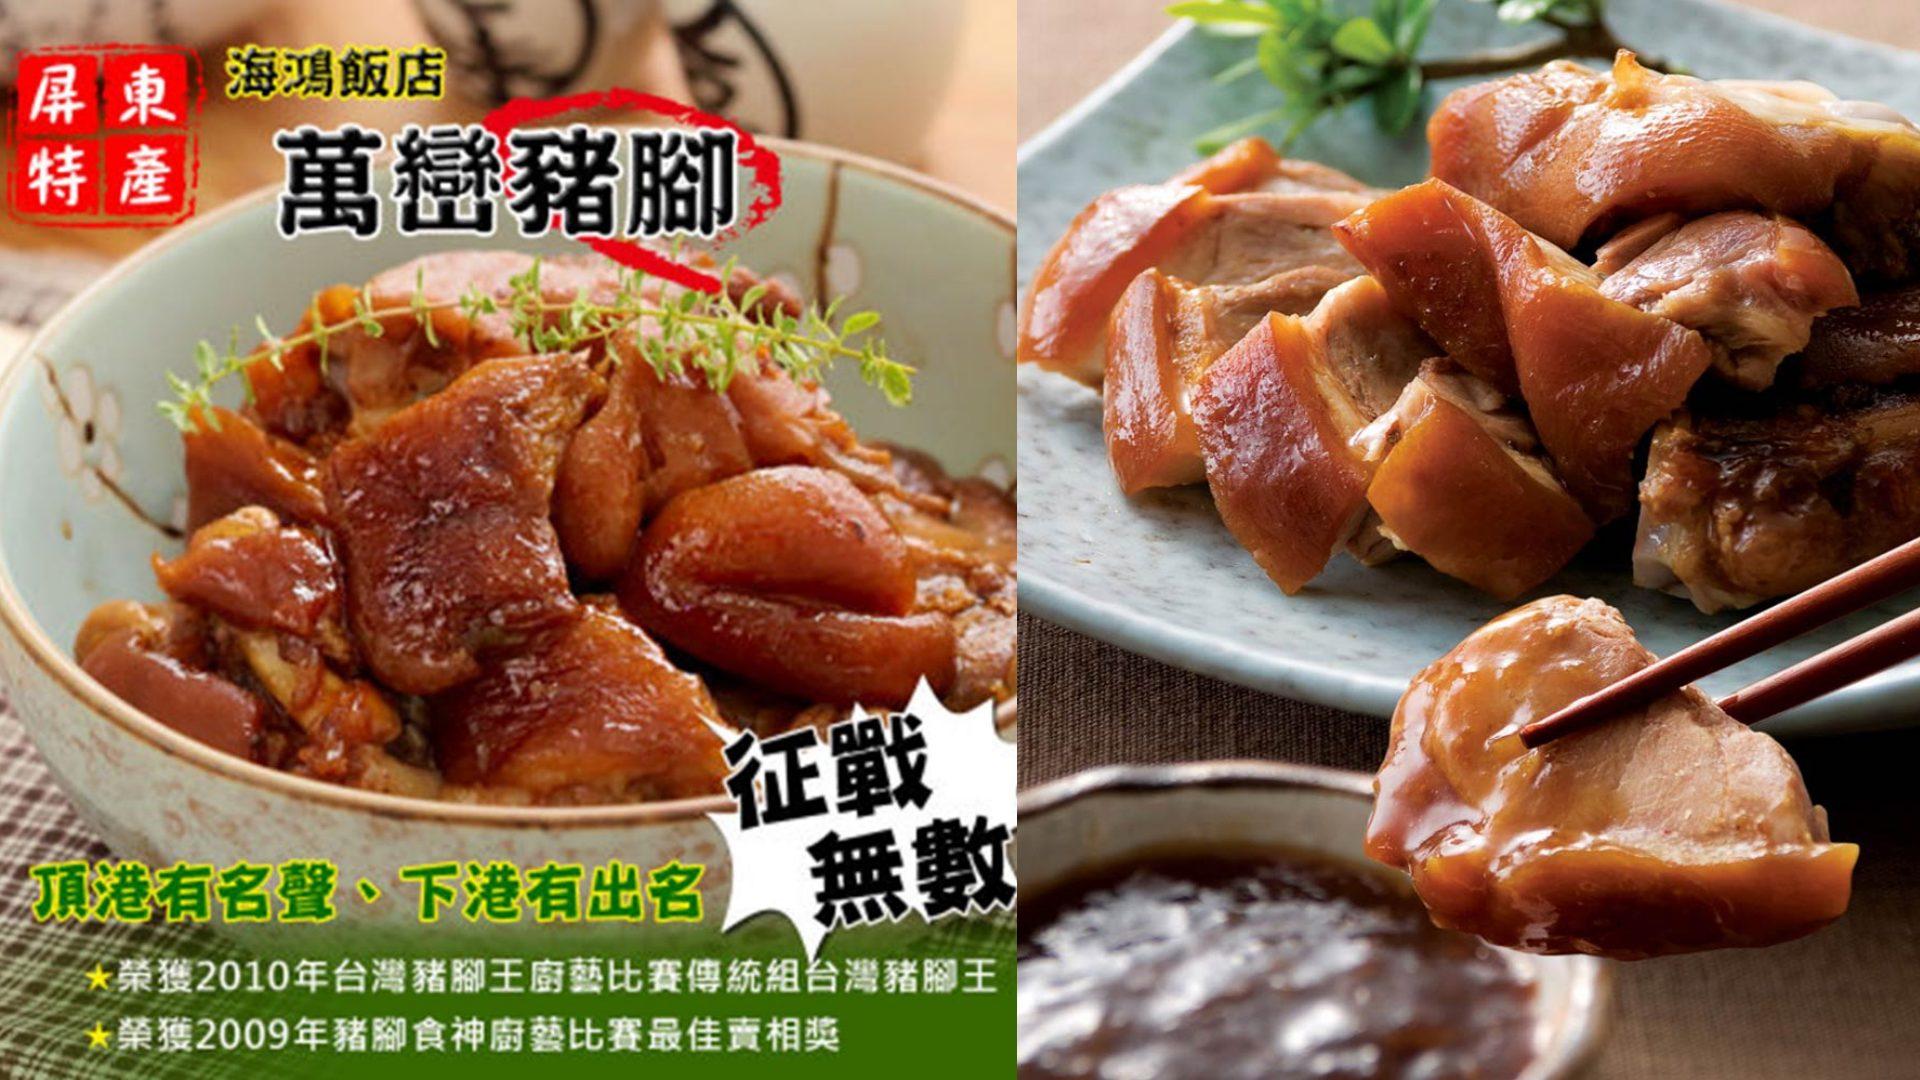 選用少油多肉的豬前腿肉慢火熬製而成,Q中帶勁越咬越香,搭配獨特的蒜蓉醬真的是吃過會懷念的滋味啊!